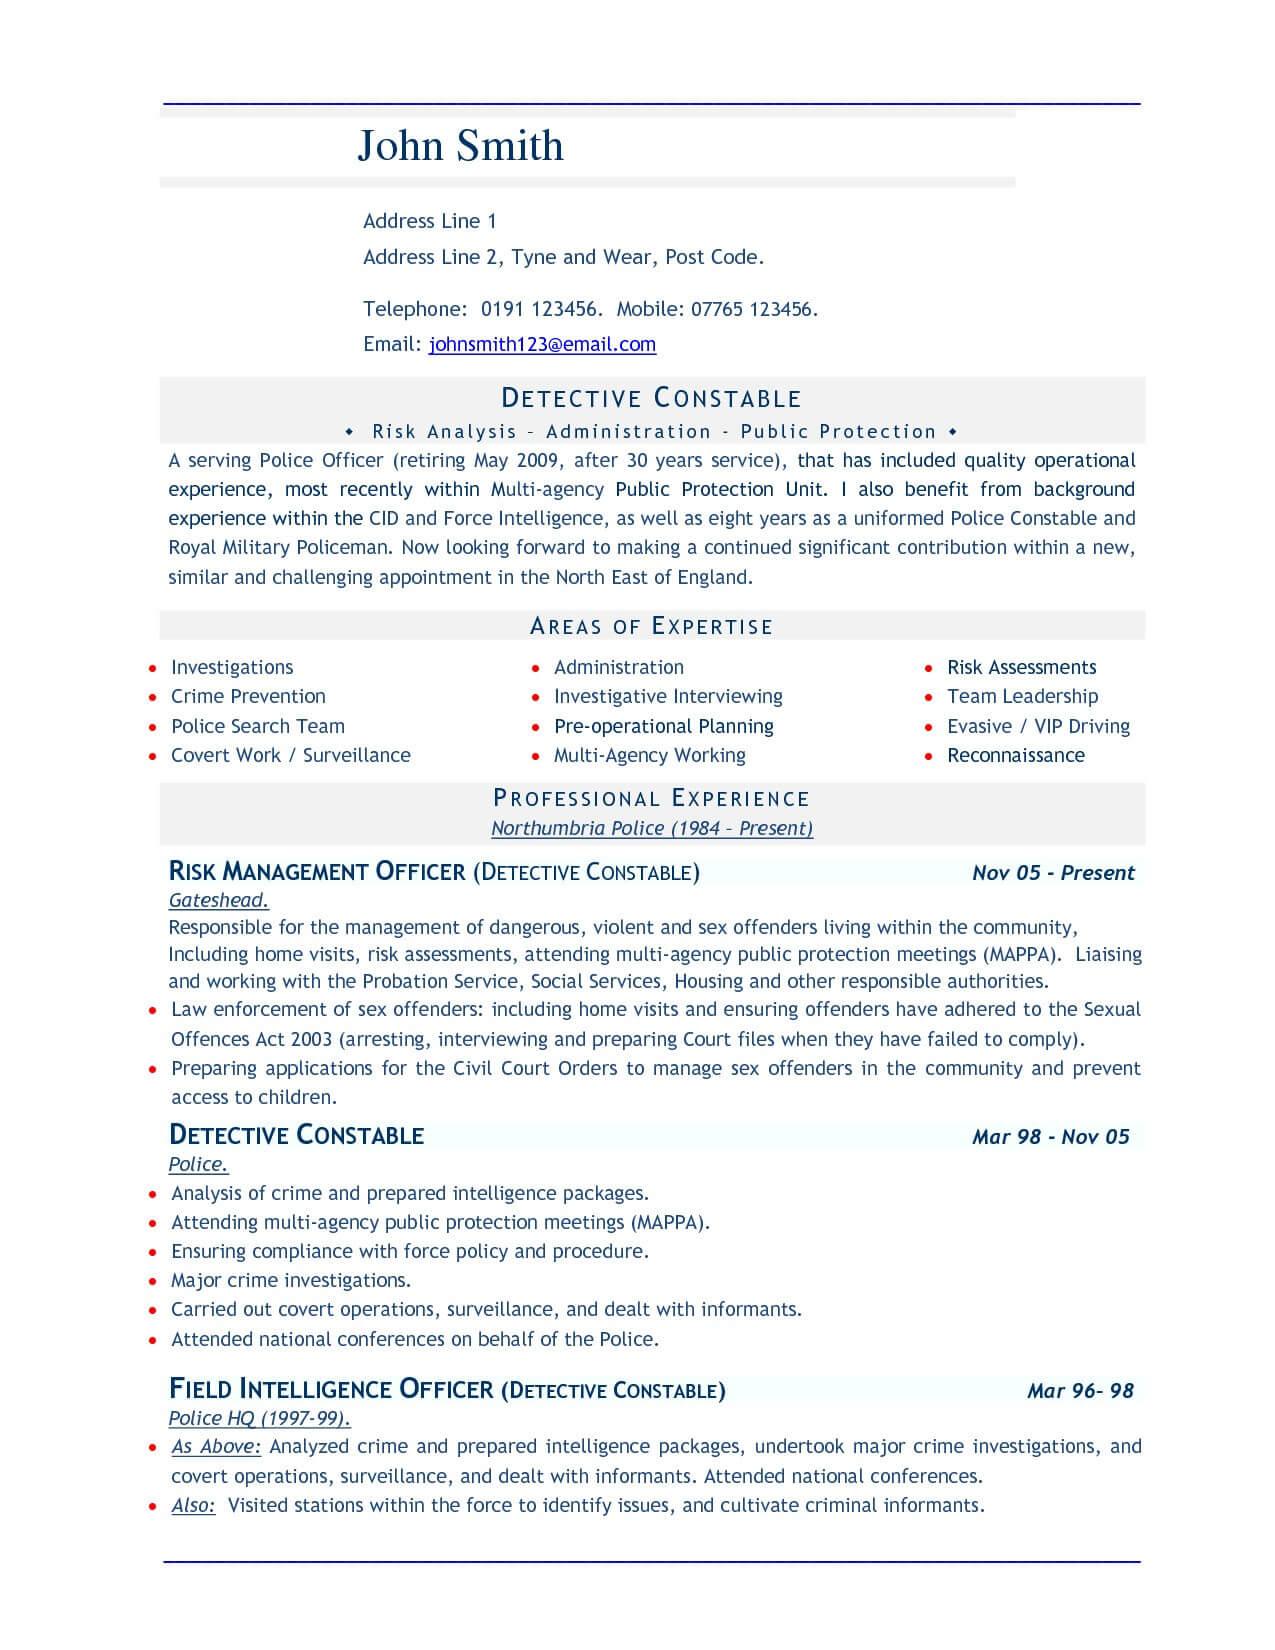 Resume Templates Word 2010 | Dattstar Intended For Resume Templates Word 2010